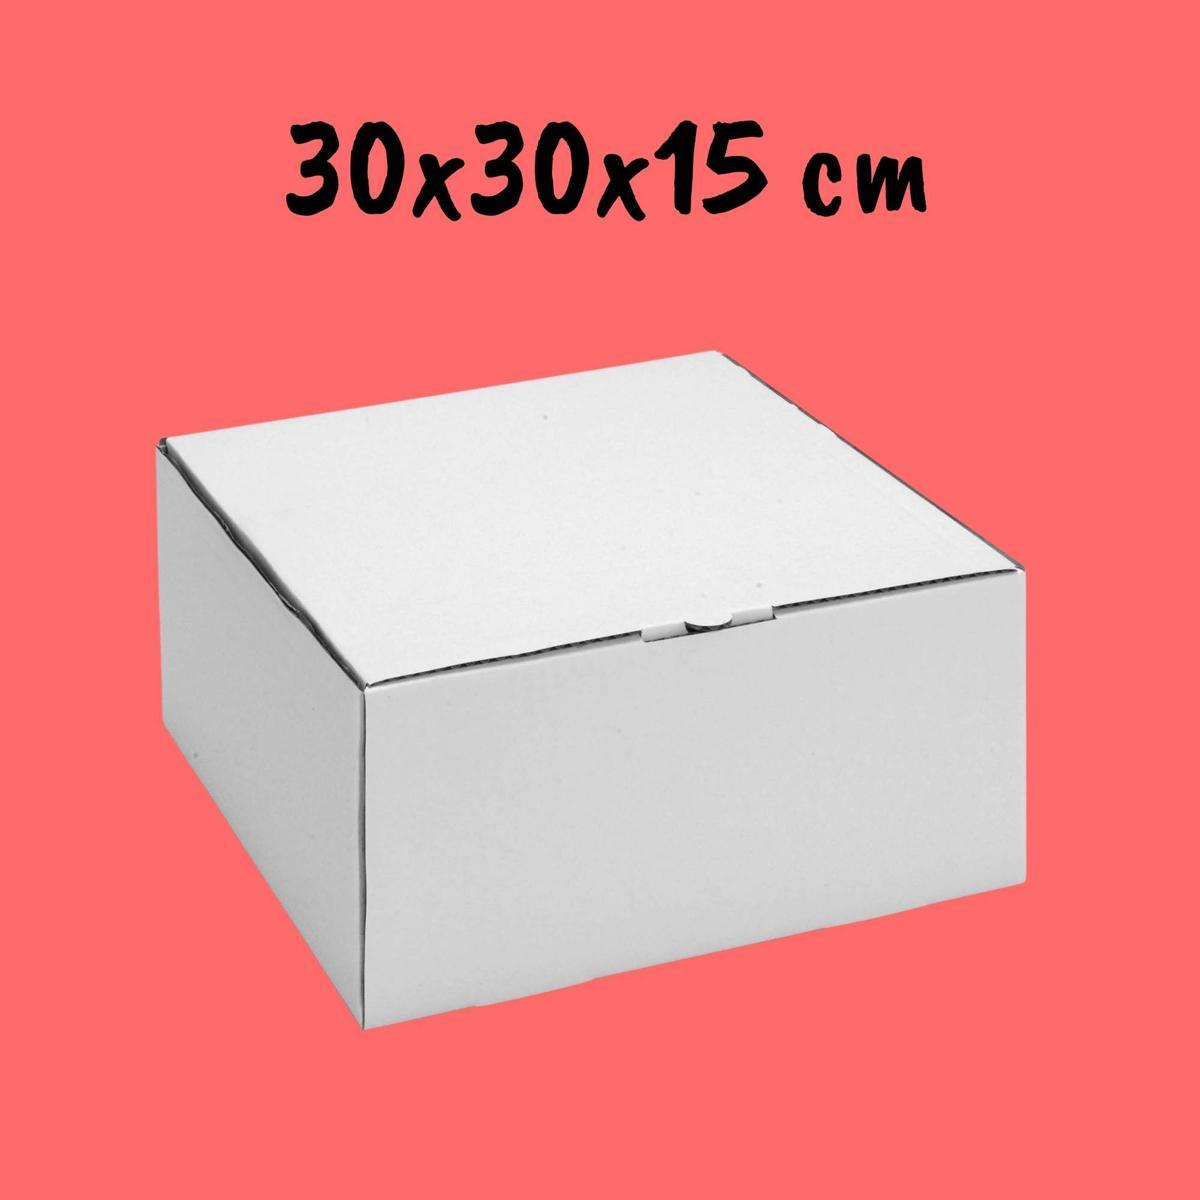 Caixa Para Bolo 30x30x15cm - Pacote com 25 unidades